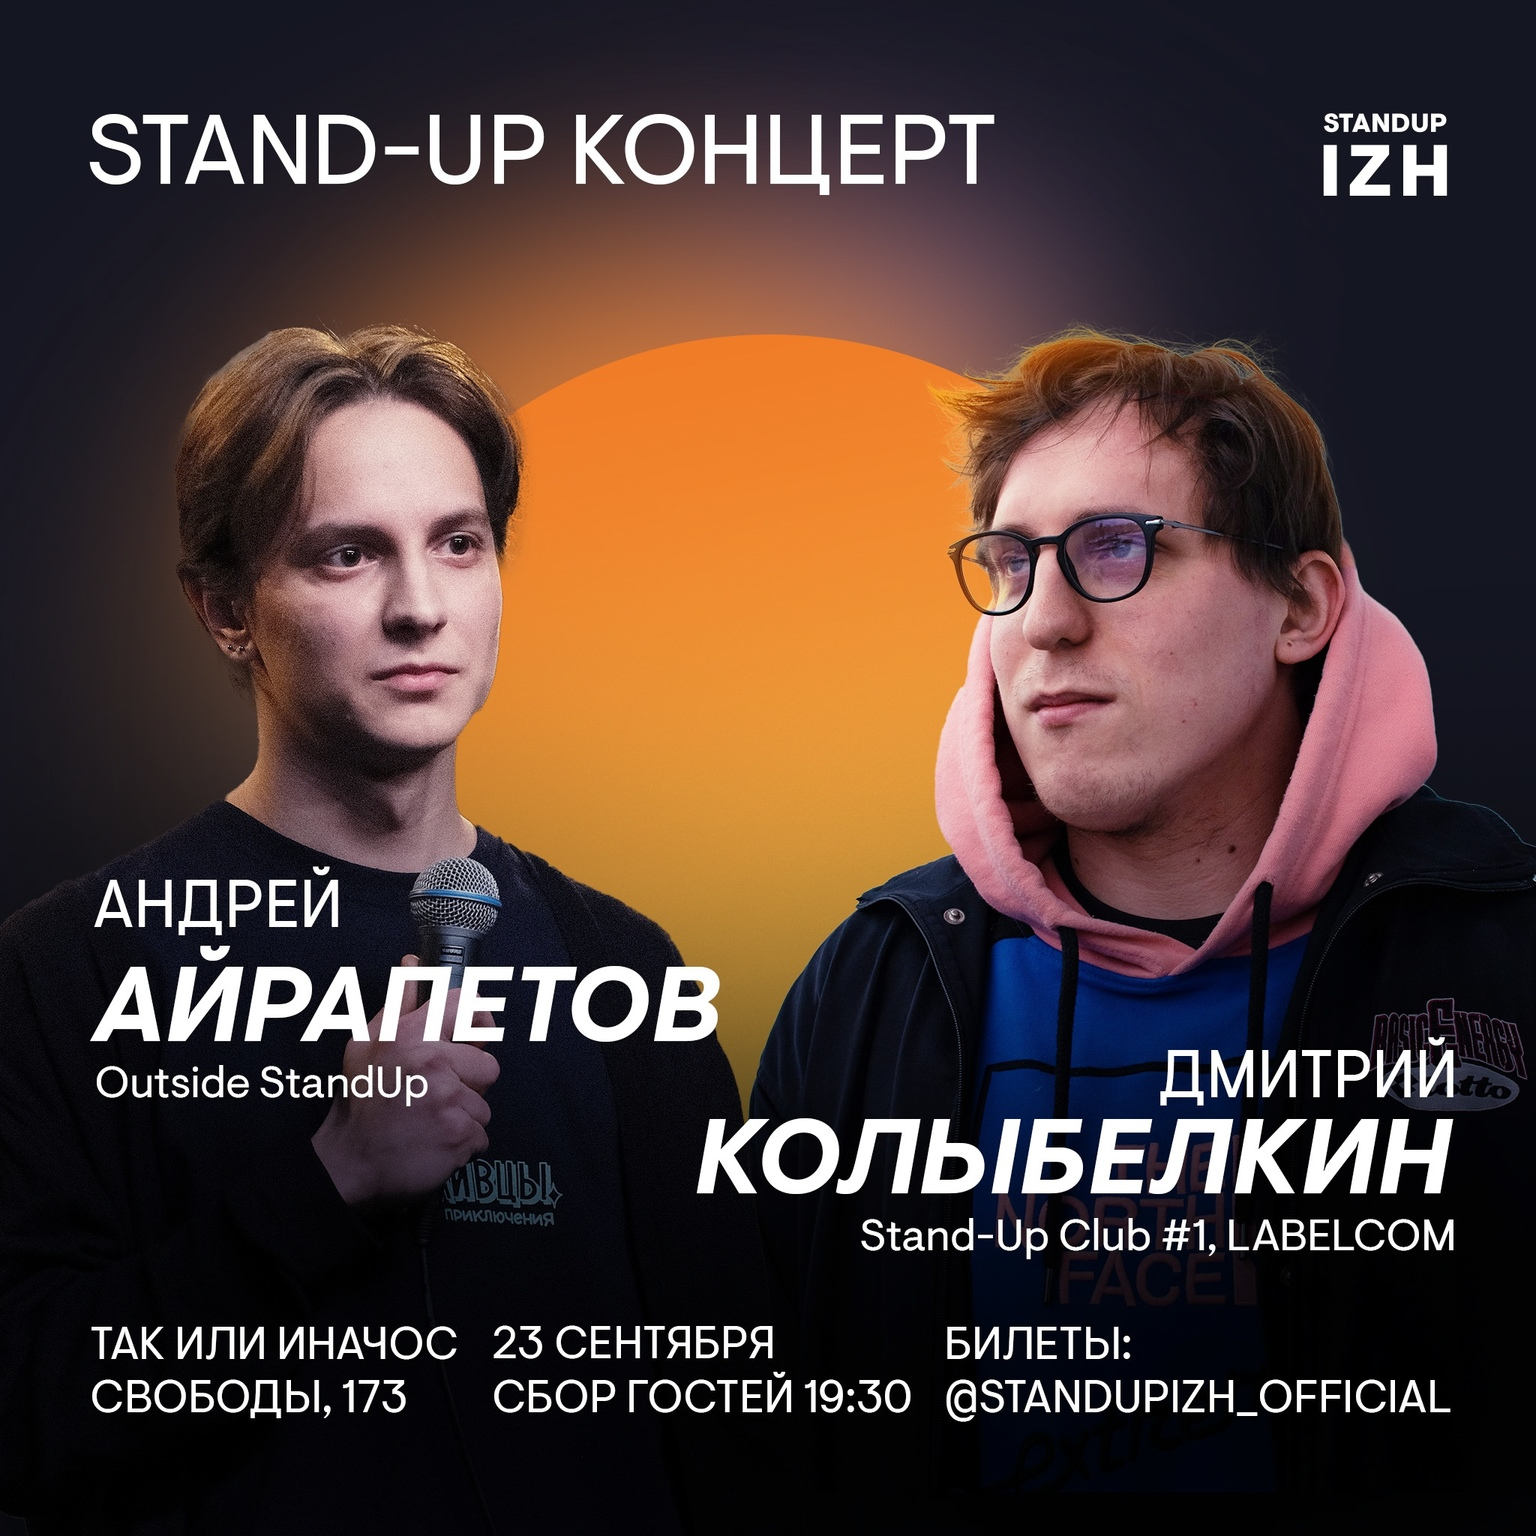 Stand up концерт Андрея Айрапетова и Дмитрия Колыбелкина